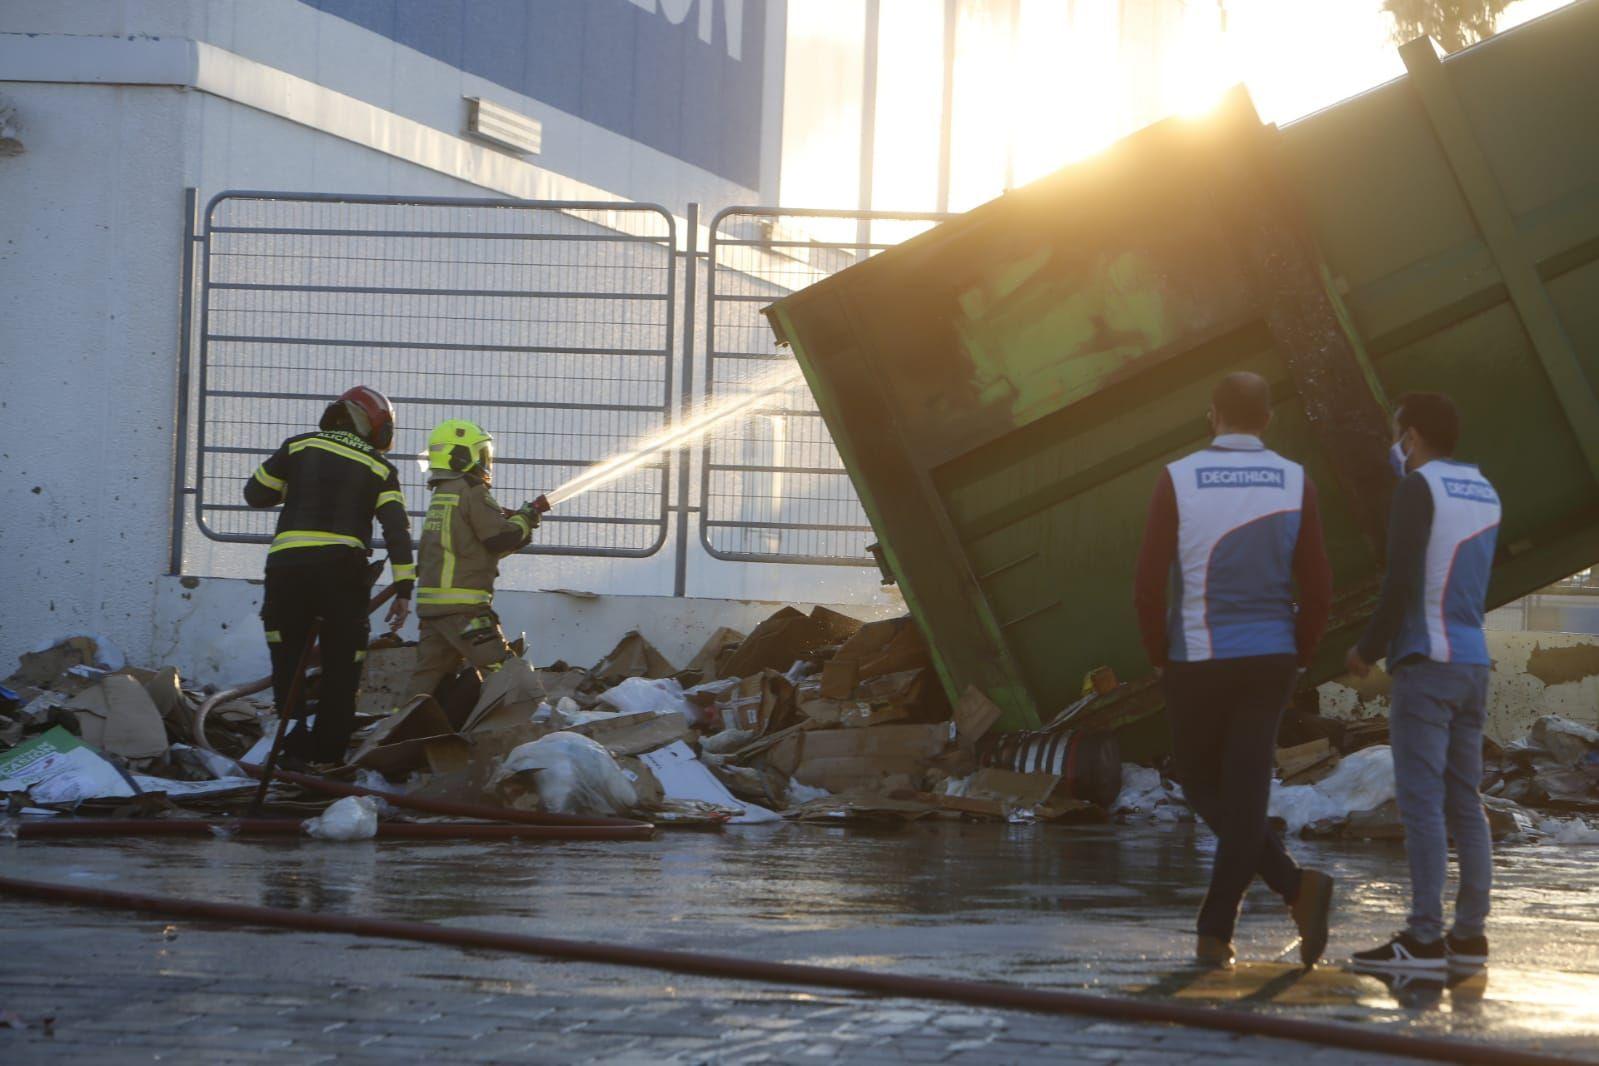 Los bomberos sofocan un incendio en Decathlon Alicante